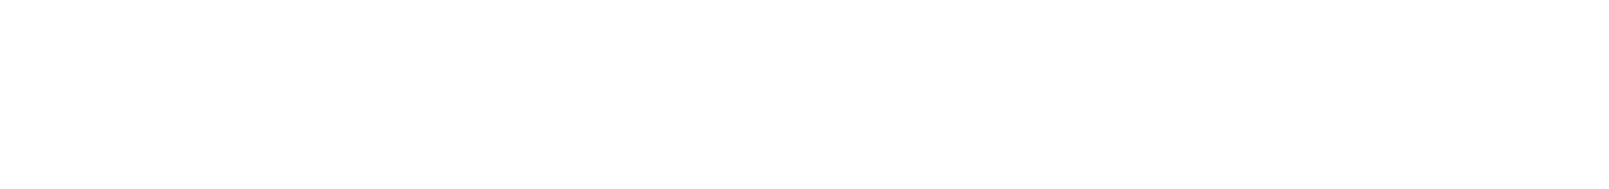 New Logo Letterhead White.png